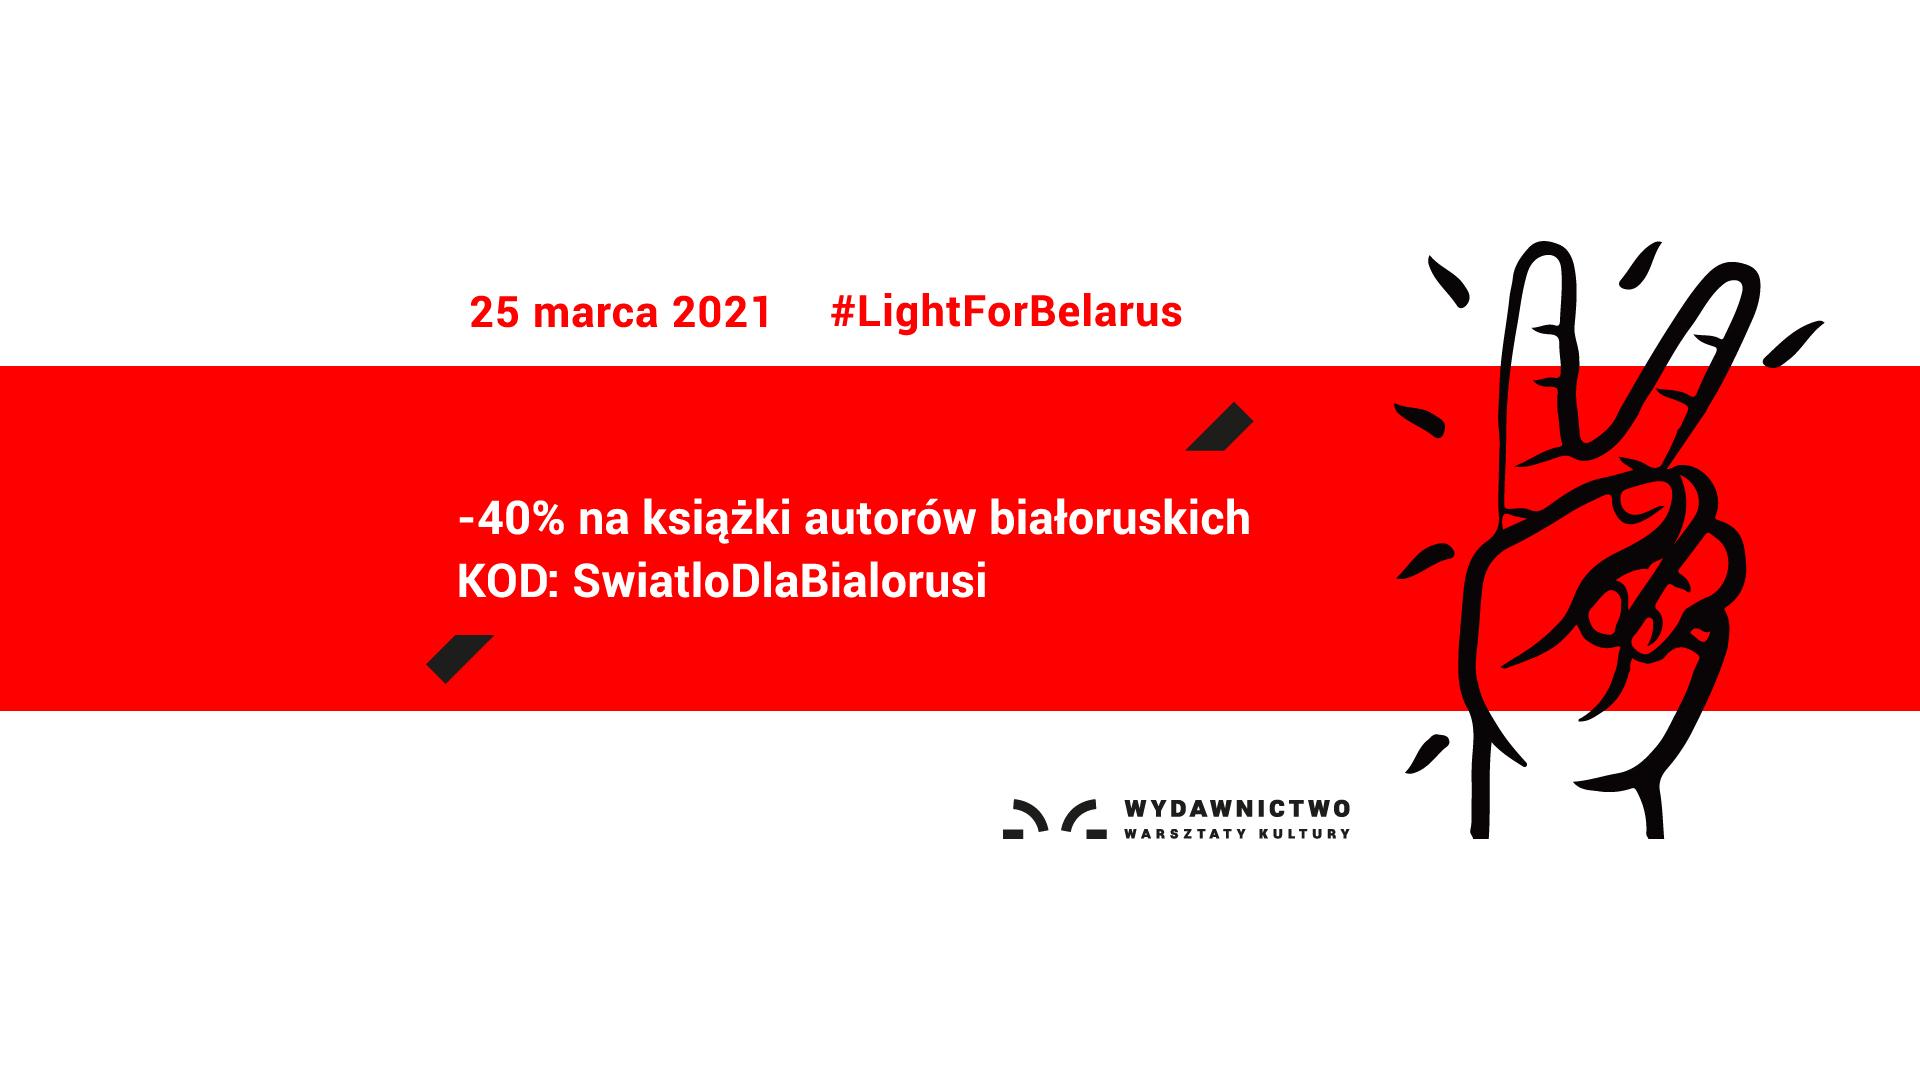 Flaga Białorusi. Napisy #LightForBelarus oraz # ŚwiatłoDlaBiałorsu. Po prawej stronie palce ułożone w znak wolności